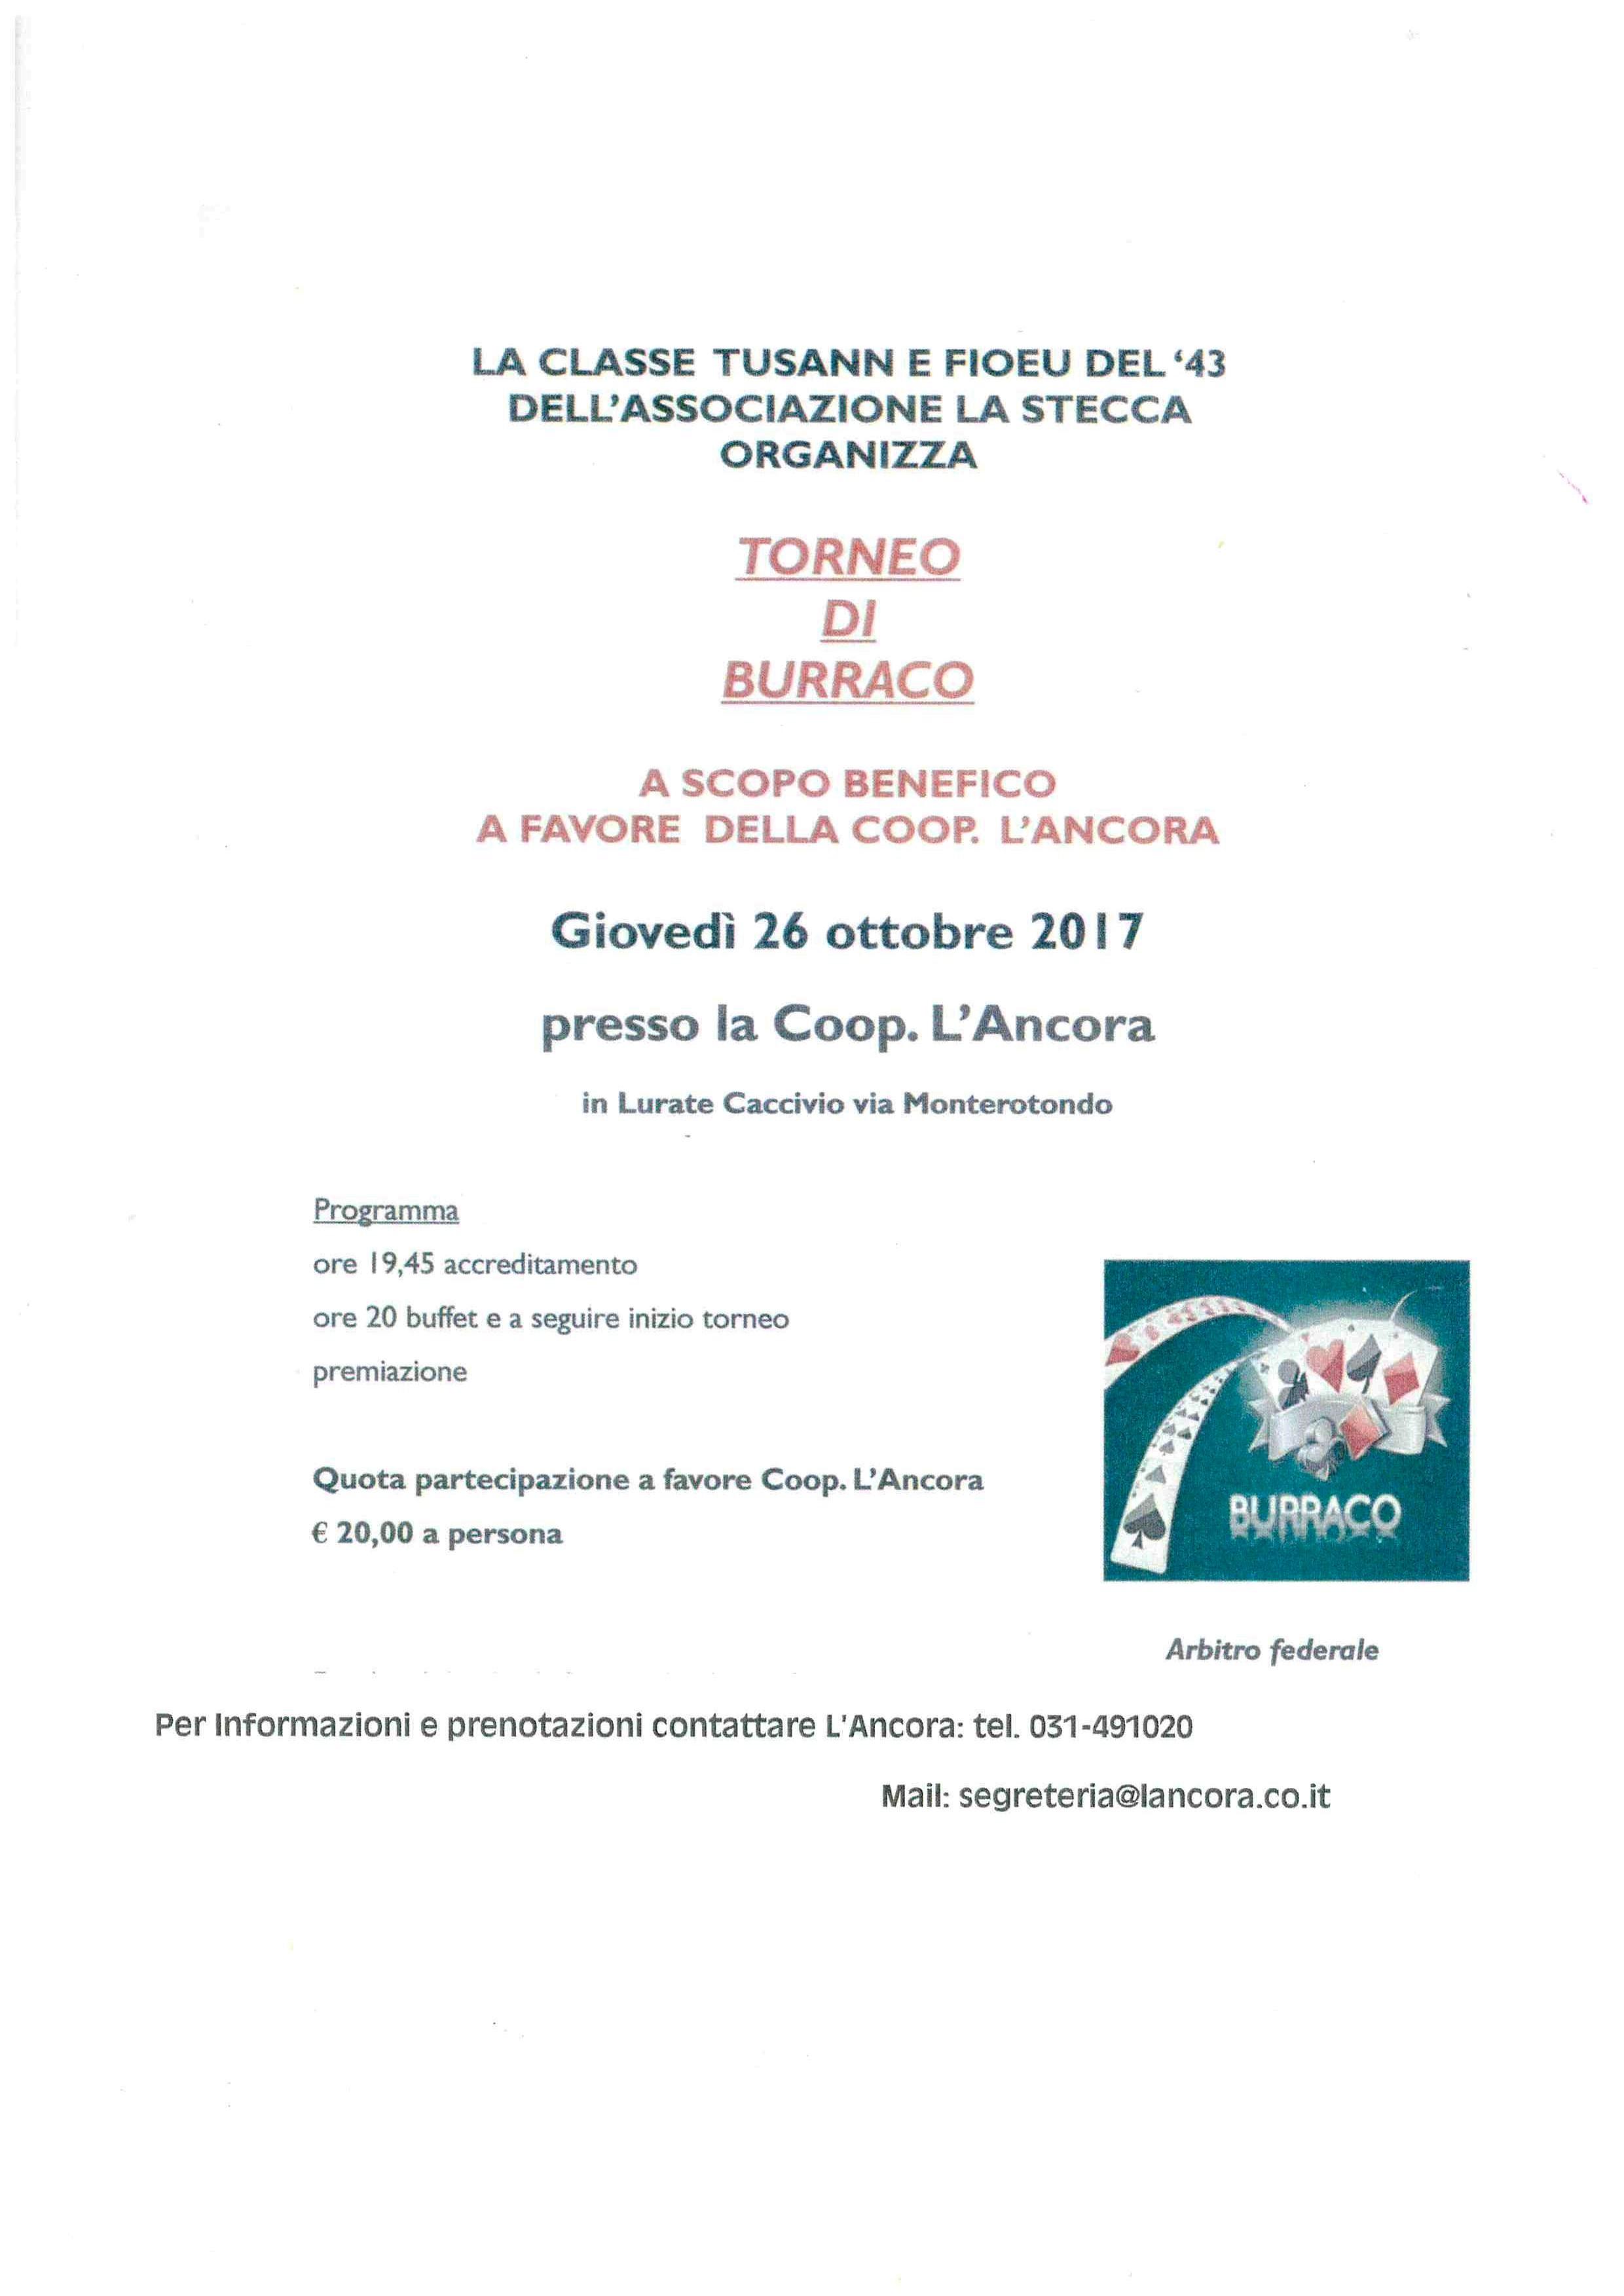 TORNEO DI BURRACO PRO L'ANCORA 2017